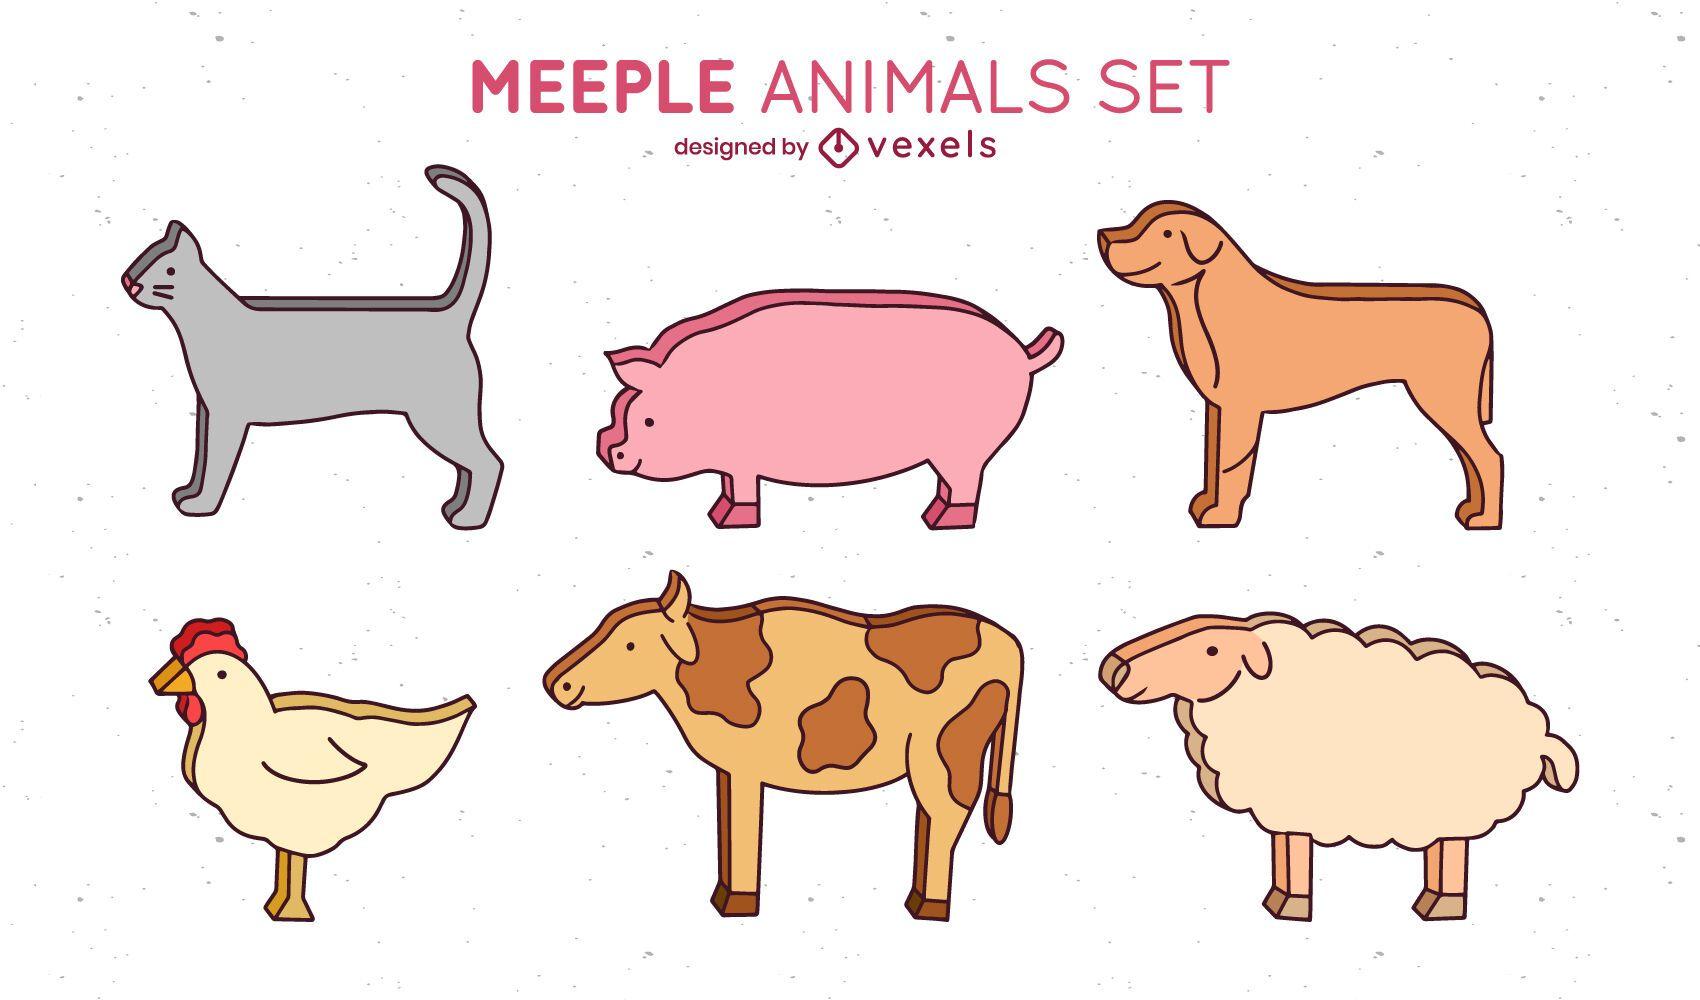 Diseño de escenografía de animales Meeple